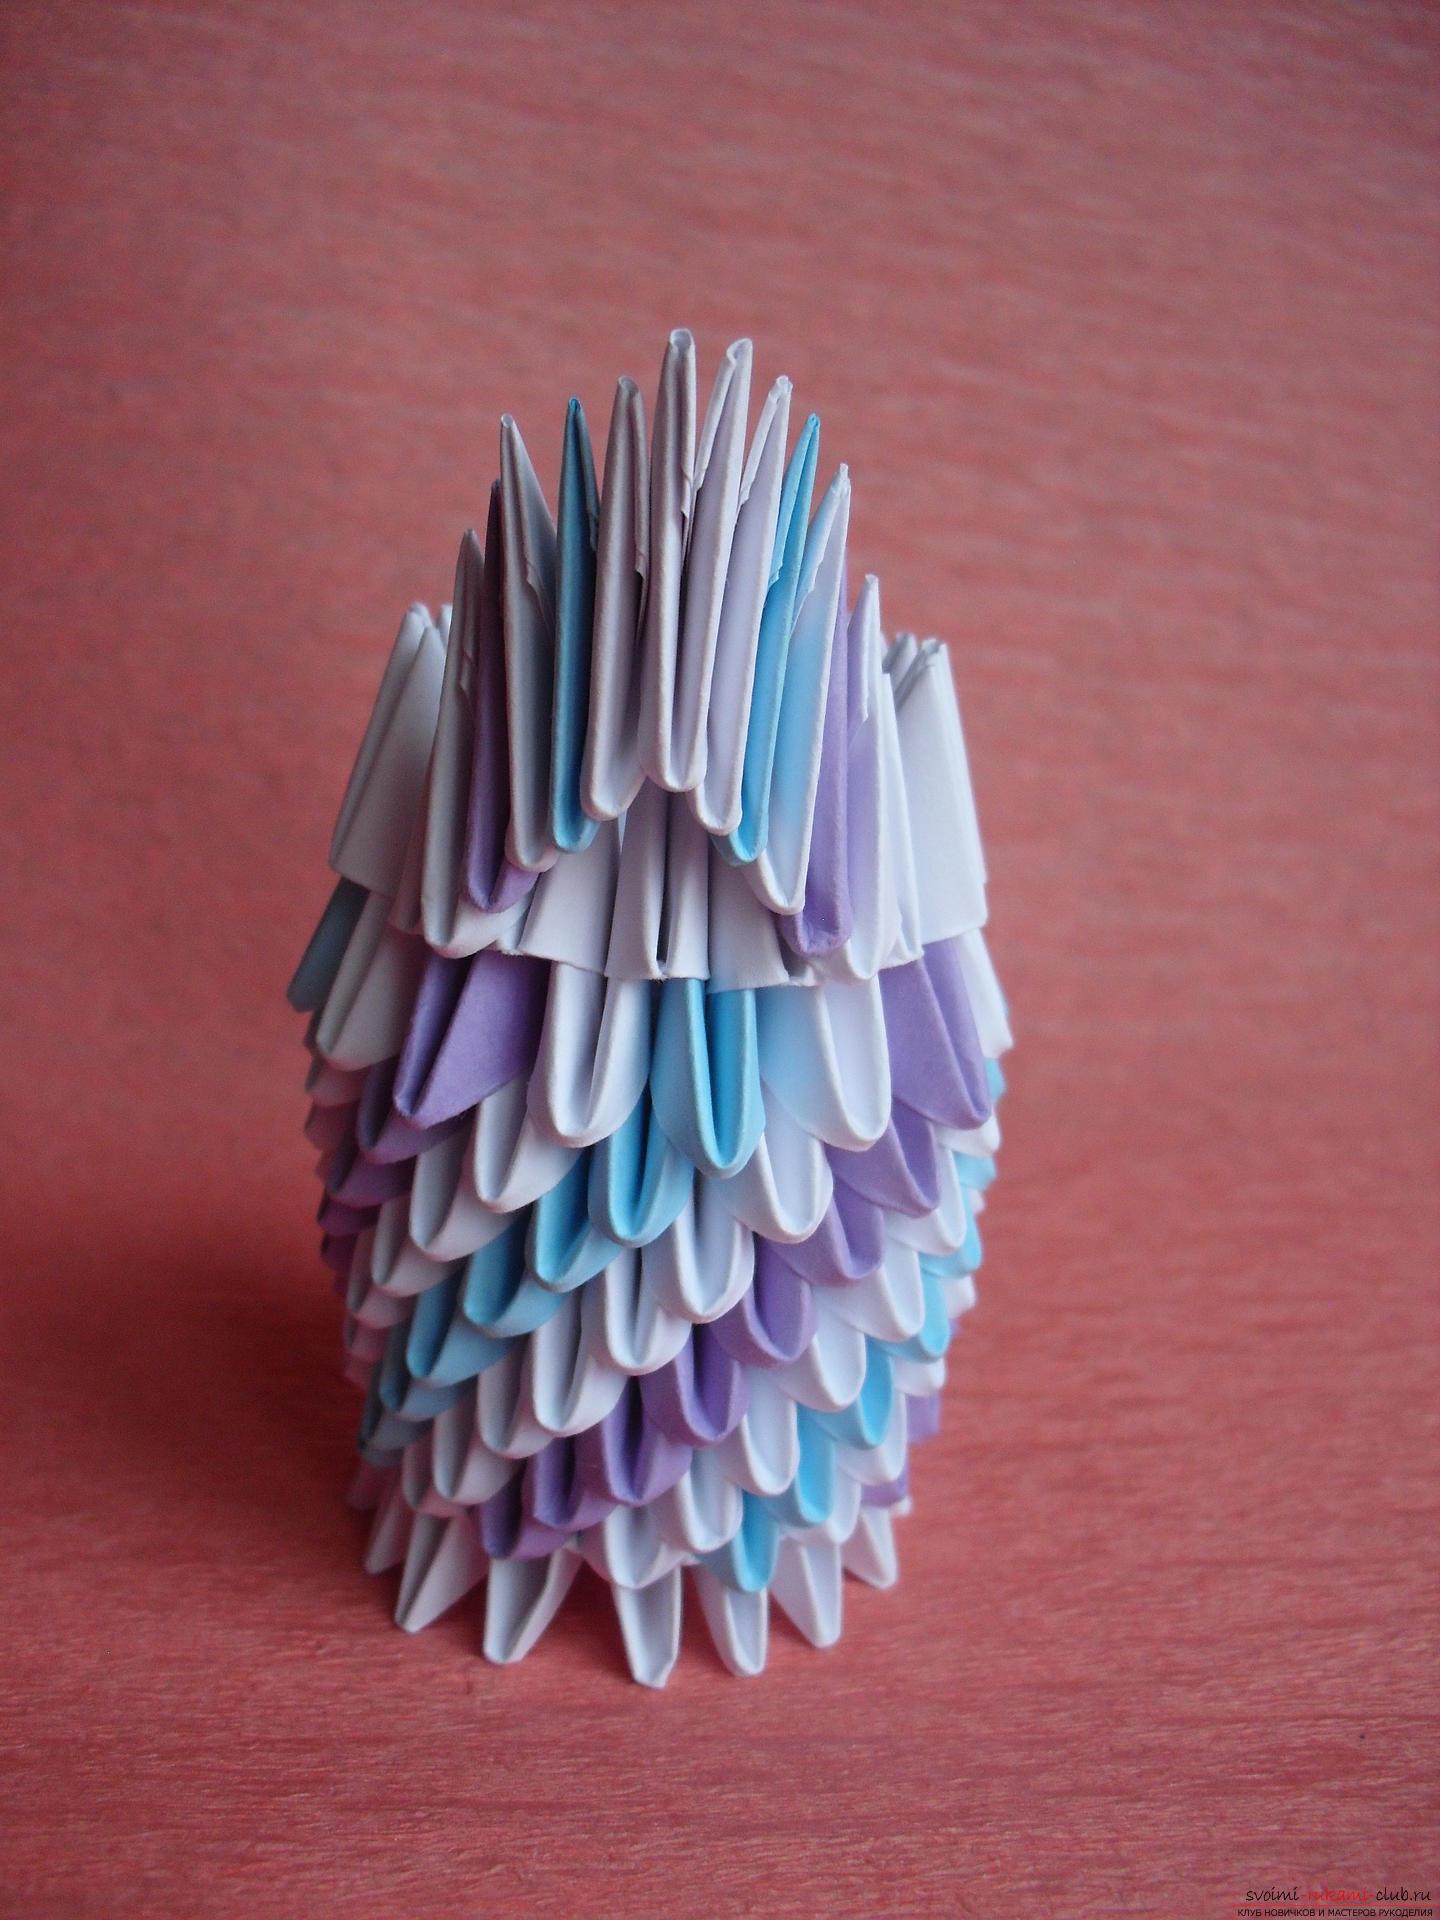 Этот мастер-класс научит как сделать вазу с тюльпанами из бумаги в технике модульного оригами.. Фото №9